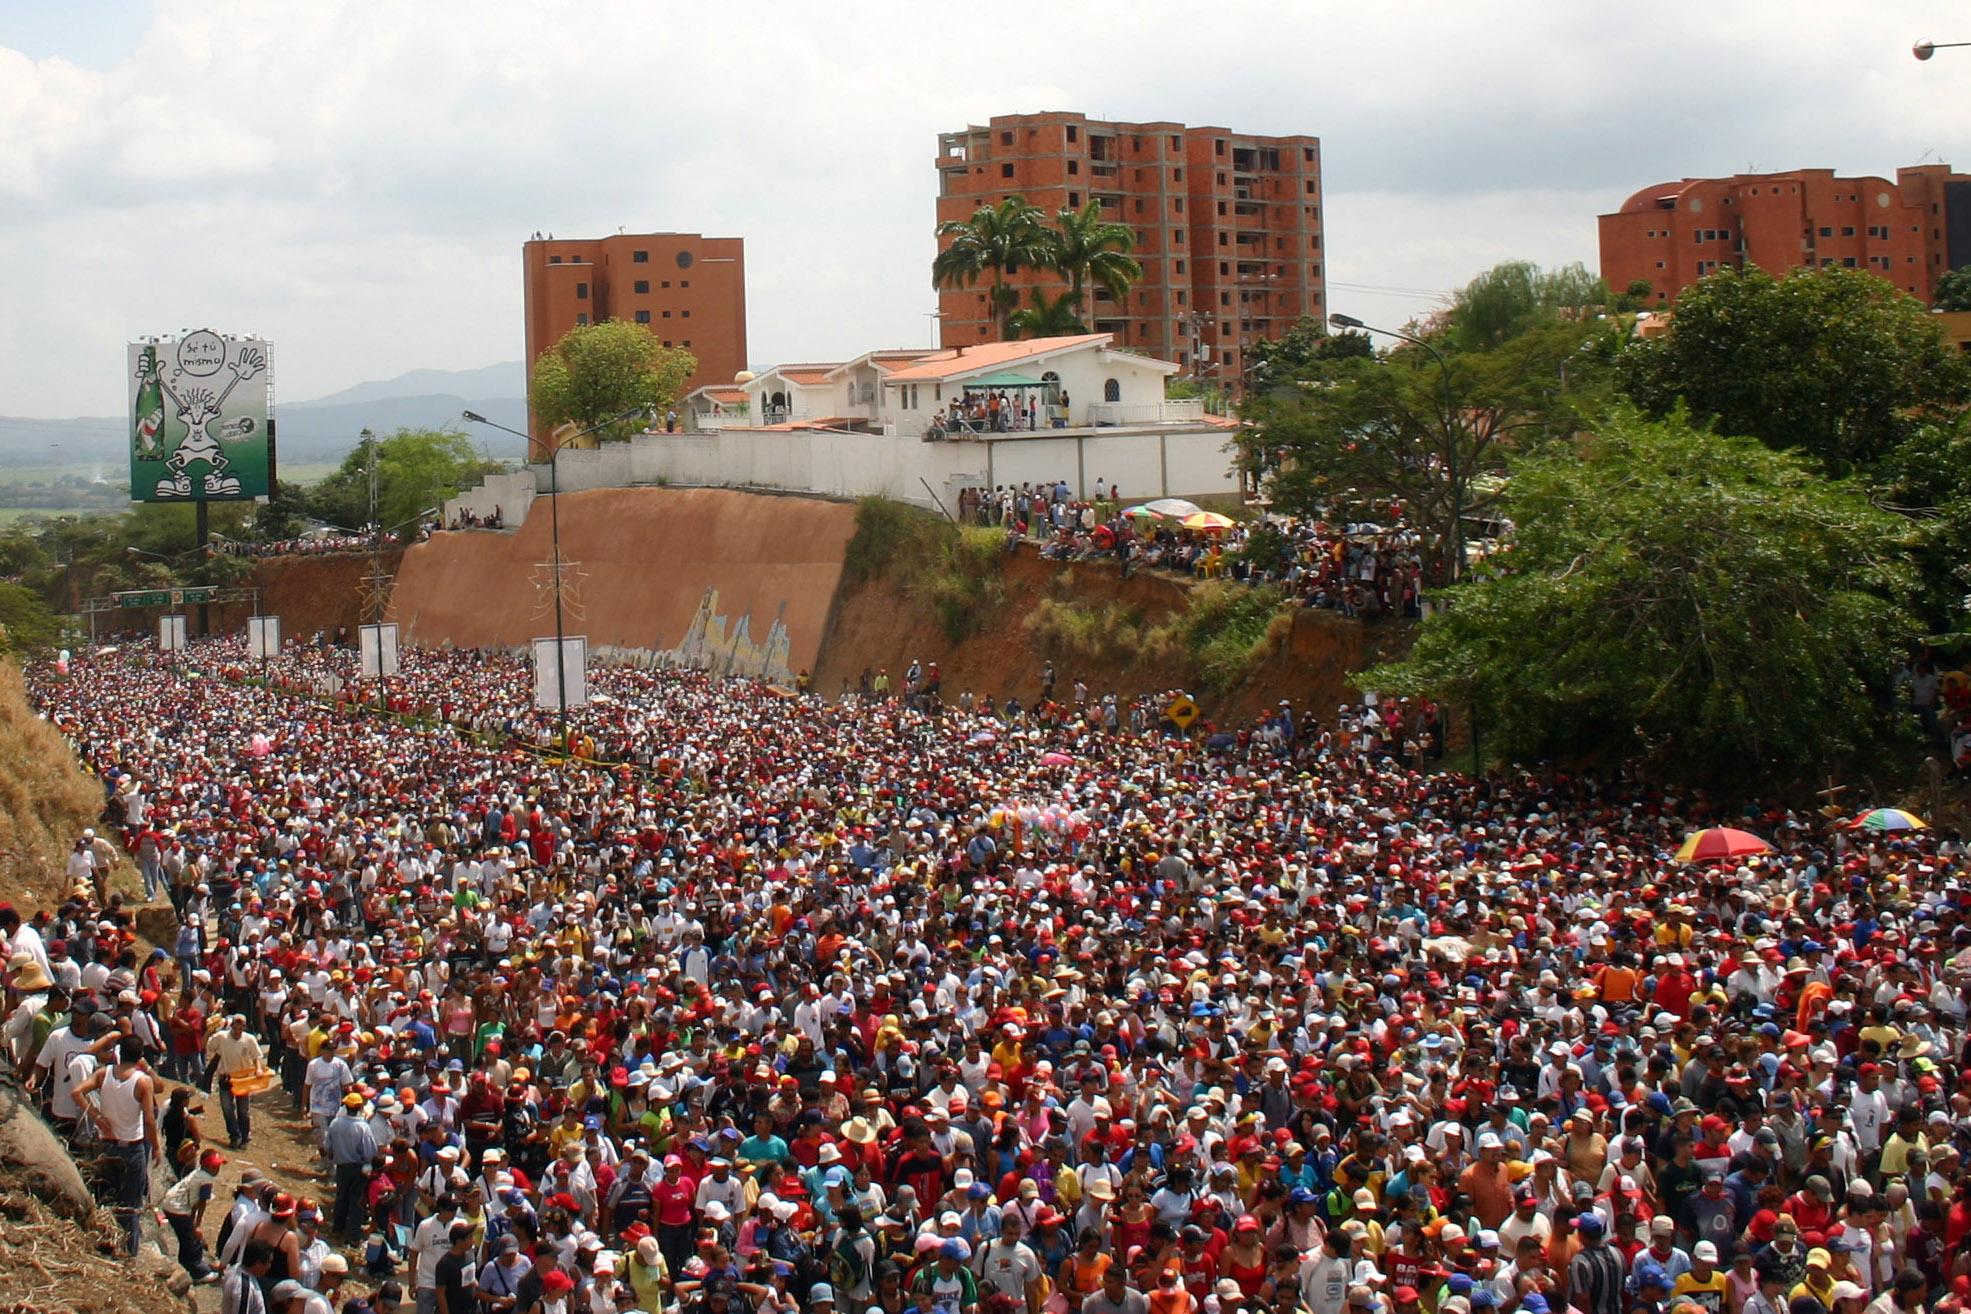 En el año 2010, por ejemplo, acudieron más de dos millones de personas: el doble de los habitantes de la ciudad de Barquisimeto. Sin embargo, eso no es nada si se compara con el número de peregrinos que acudieron en 2016: cuatro millones de devotos, procedentes de todo el país.